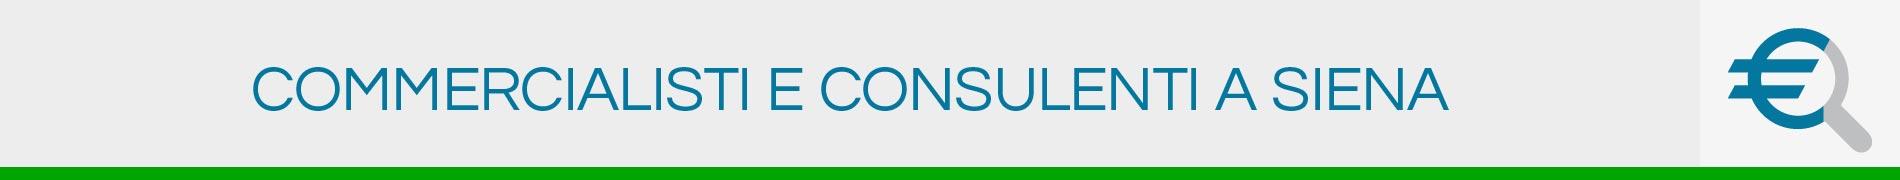 Commercialisti e Consulenti a Siena